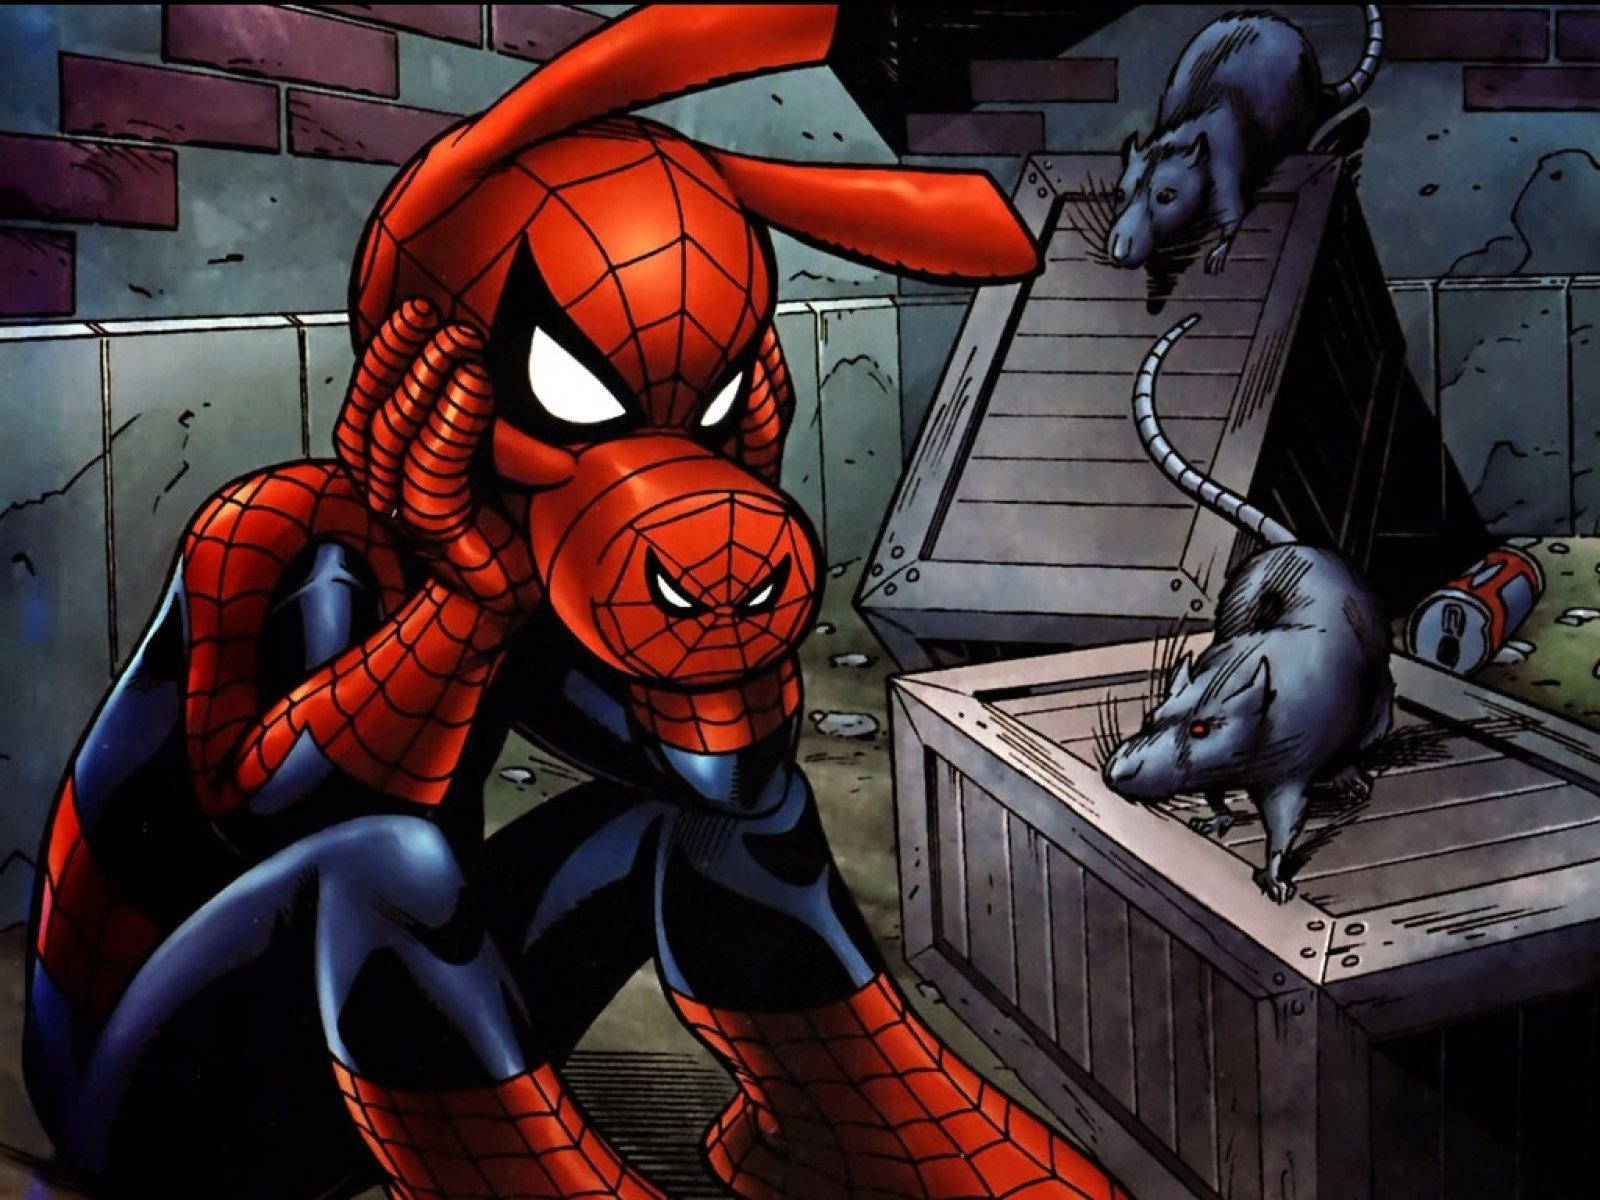 часть картинка свина паука руководителей администрации алушты